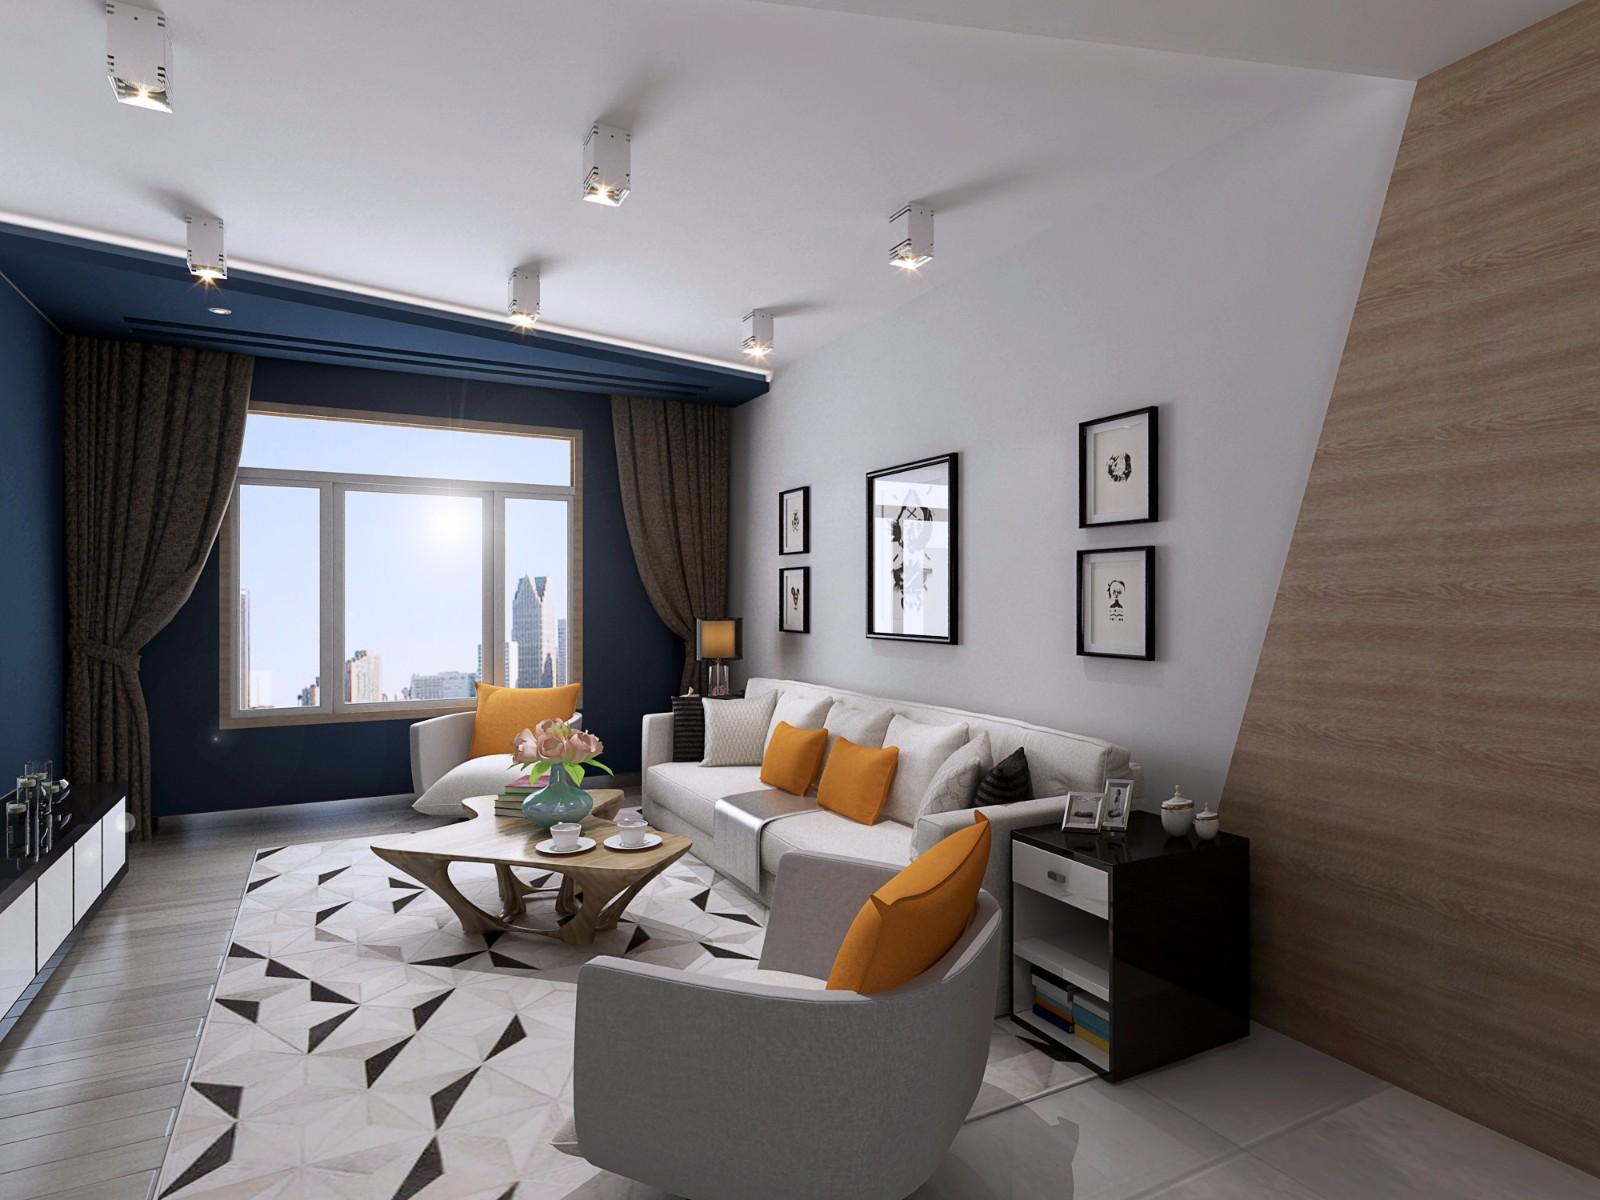 3室2卫2厅183平米现代简约风格